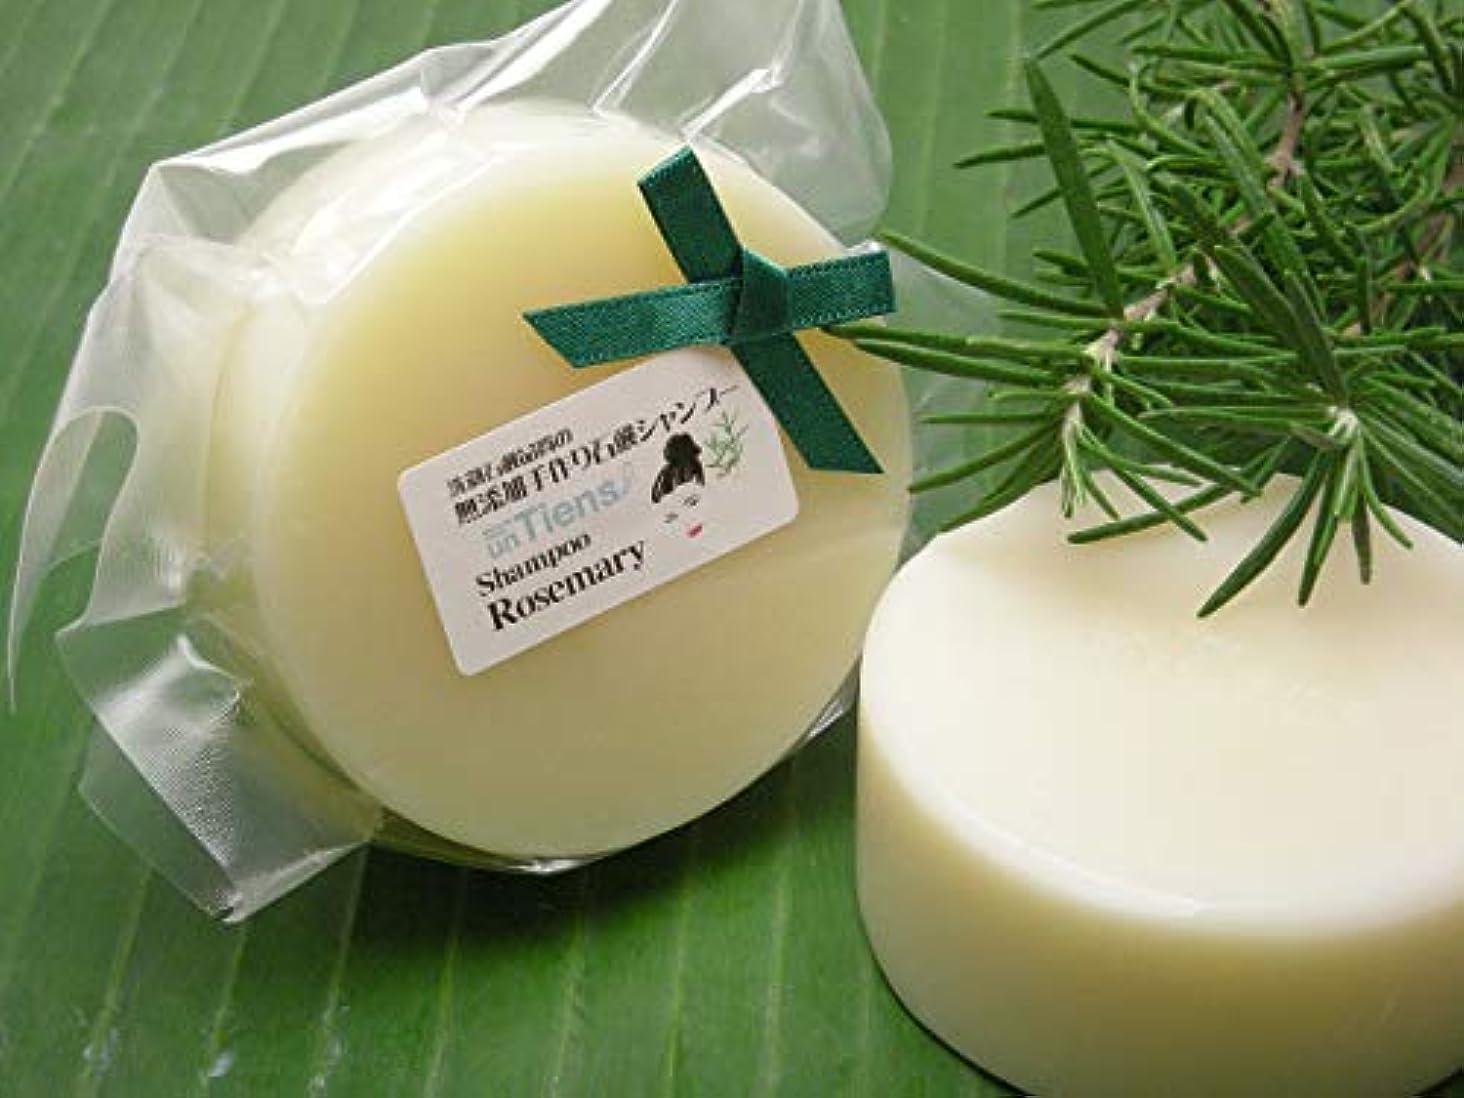 緊張するとげのあるはちみつ洗顔石鹸品質の無添加手作り固形石鹸シャンプー 「ローズマリー」たっぷり使える丸型100g